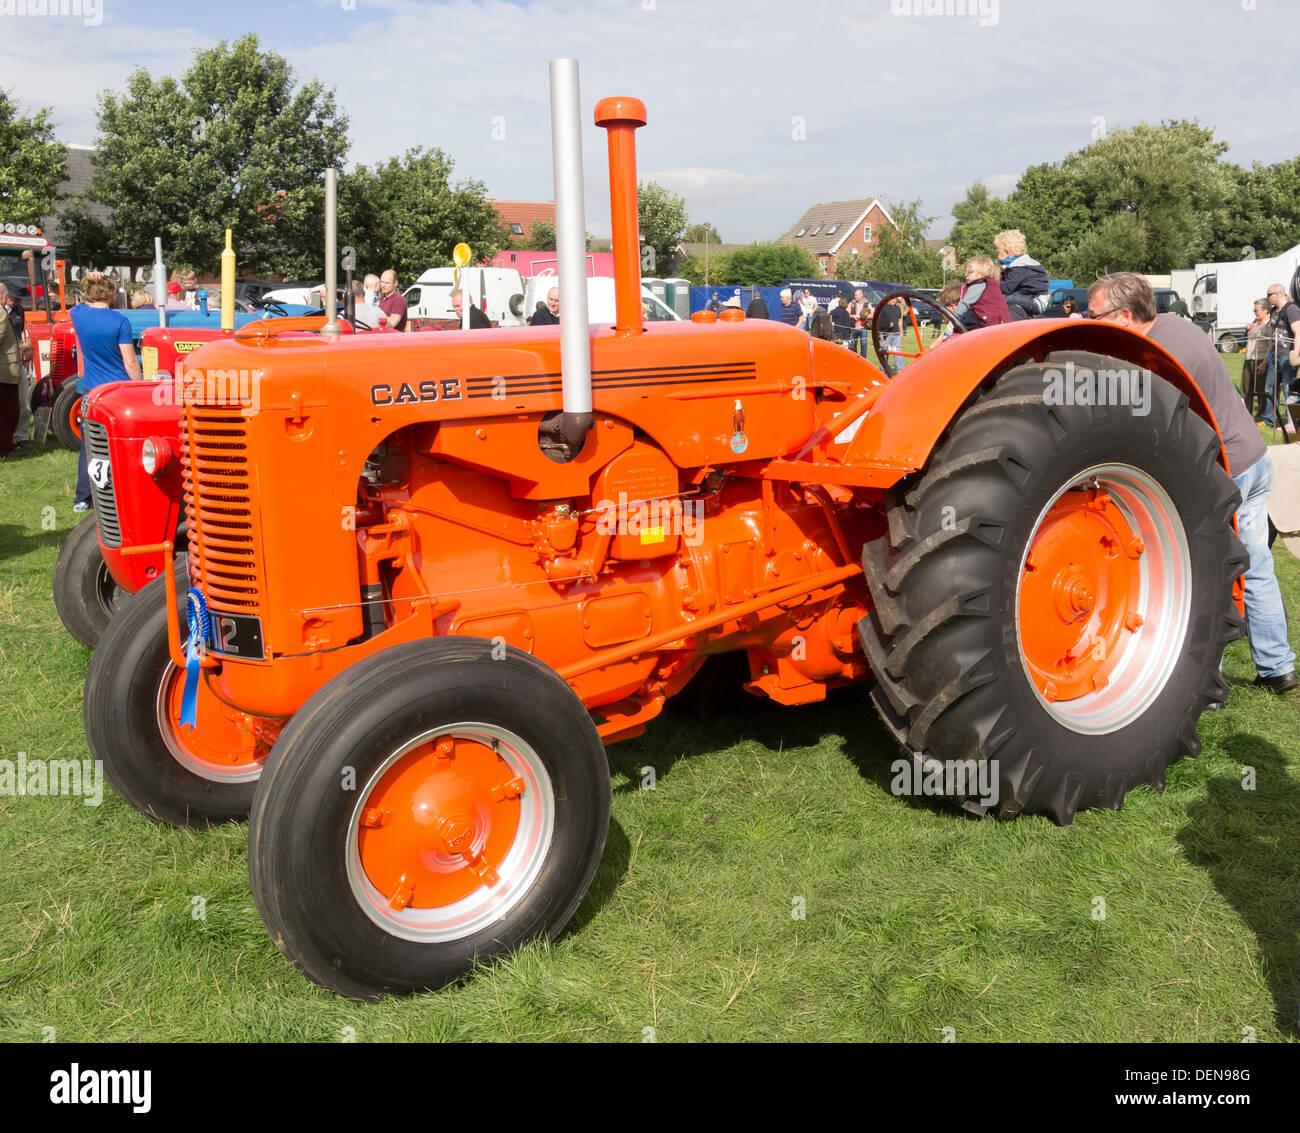 Vintage Case Tractor Stock Photos & Vintage Case Tractor